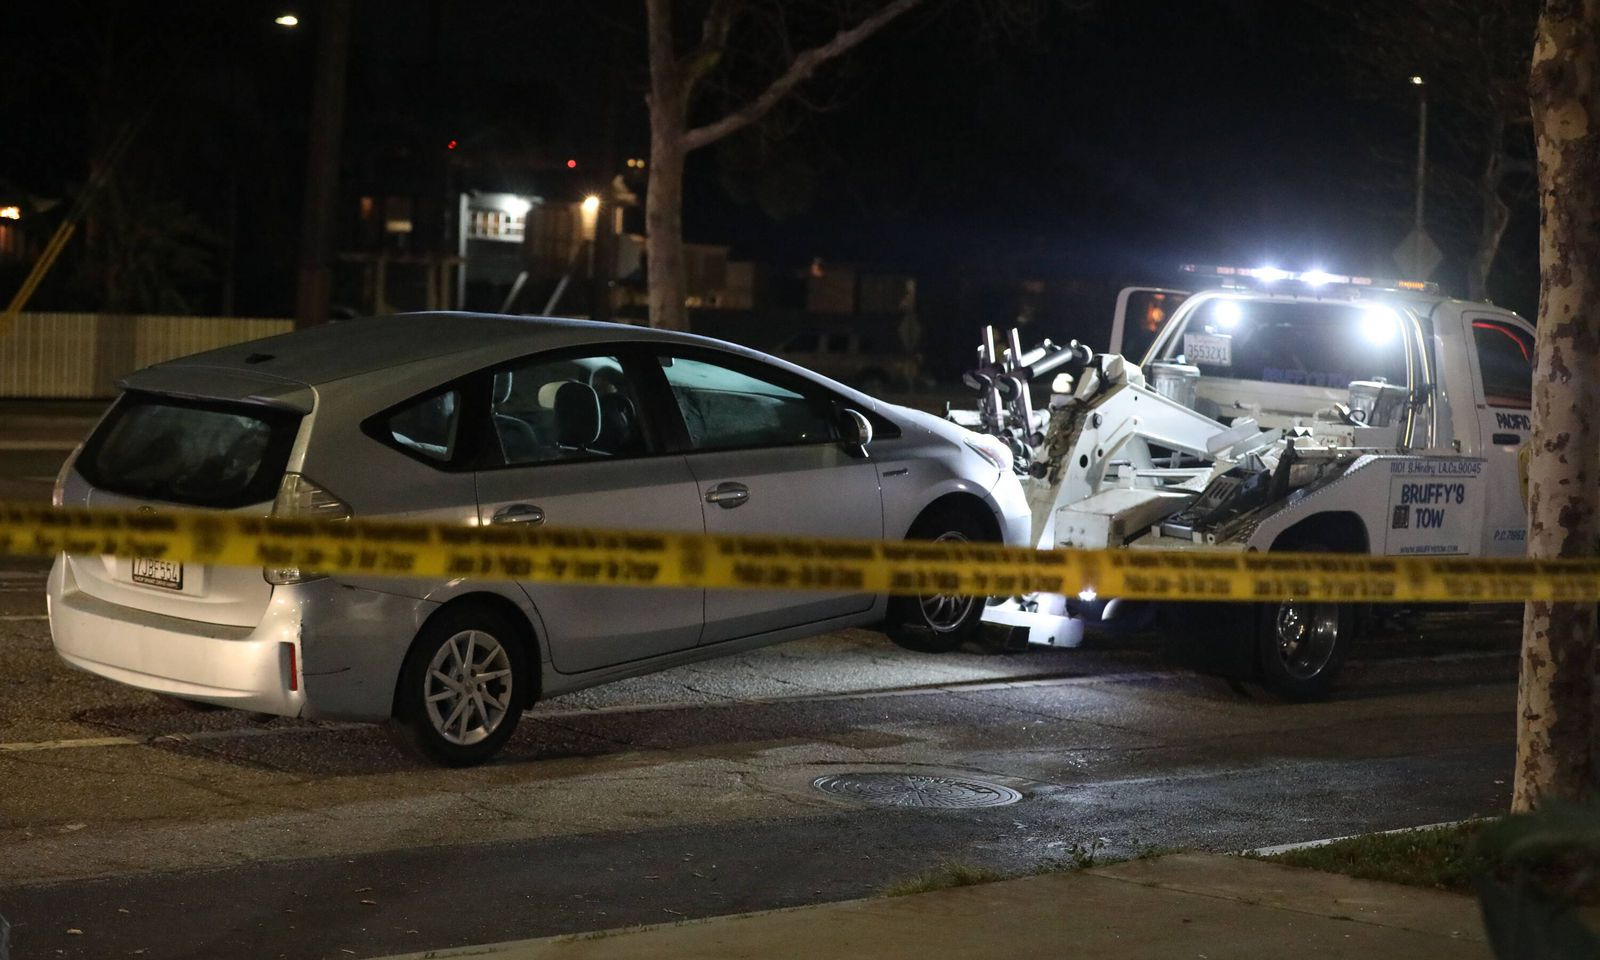 Ort des Unfalls: Venice Boulevard am Freitag Abend